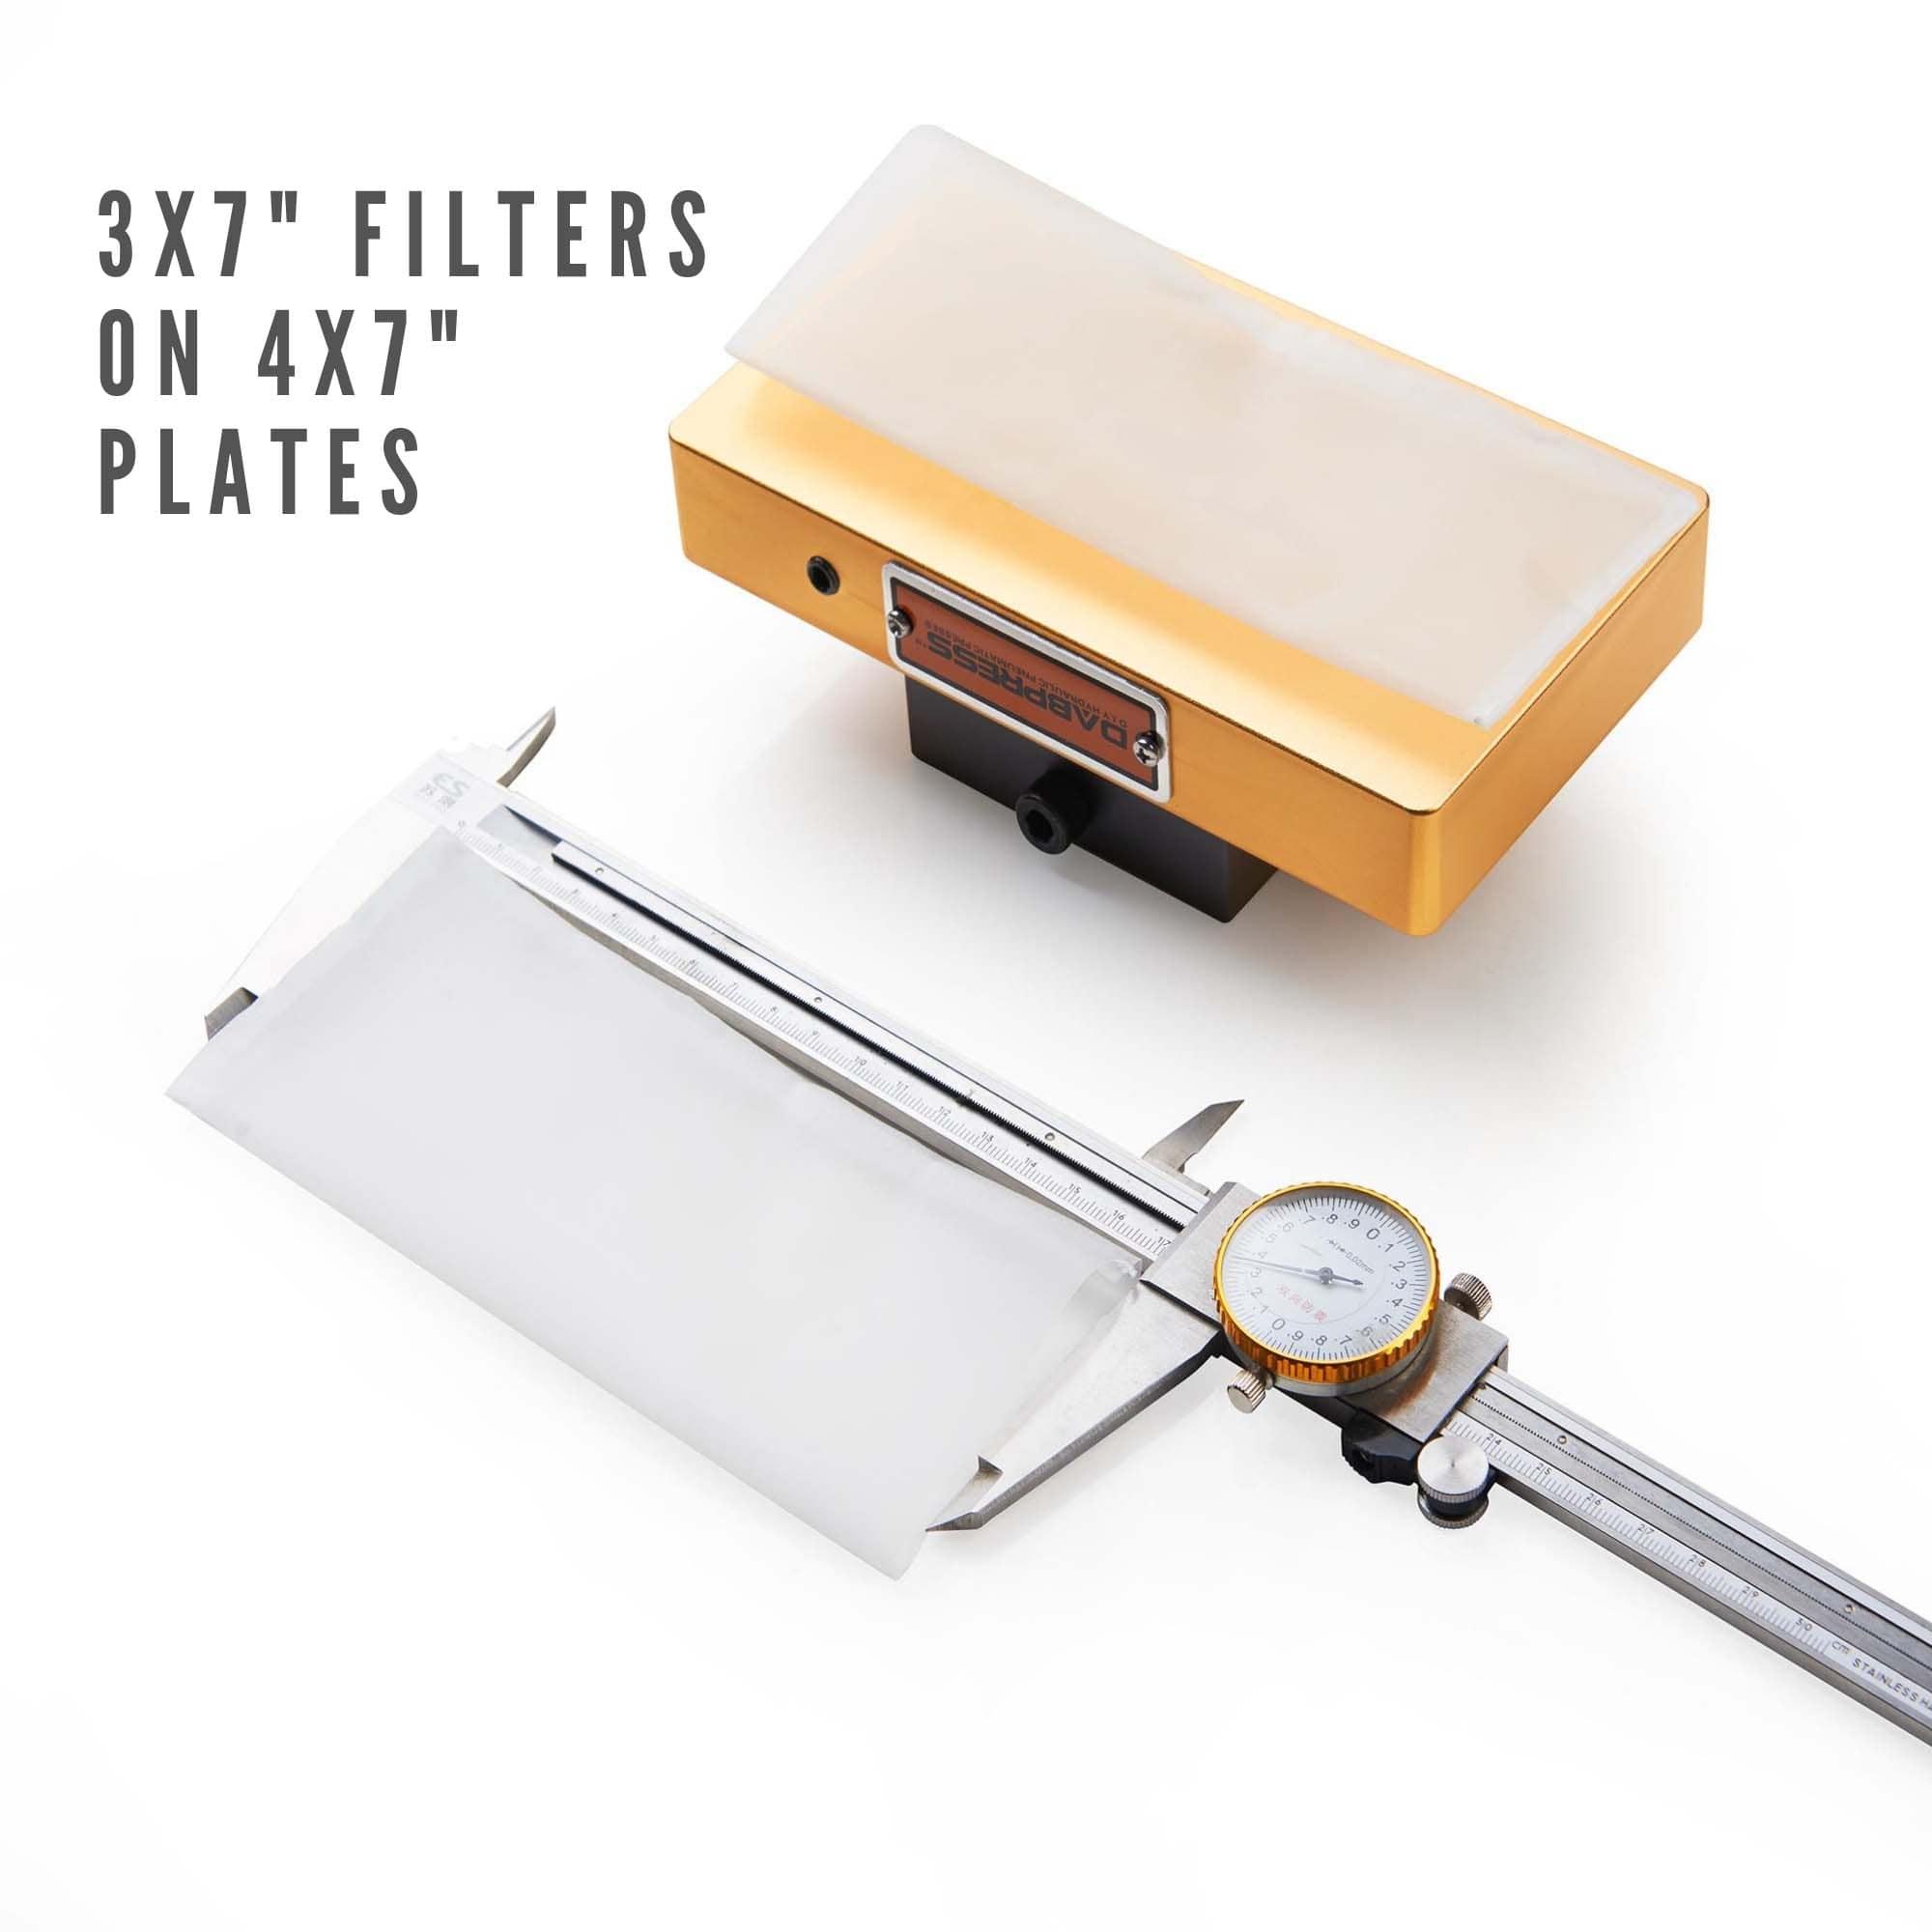 3x7 | 120 Rosin Squish Bags